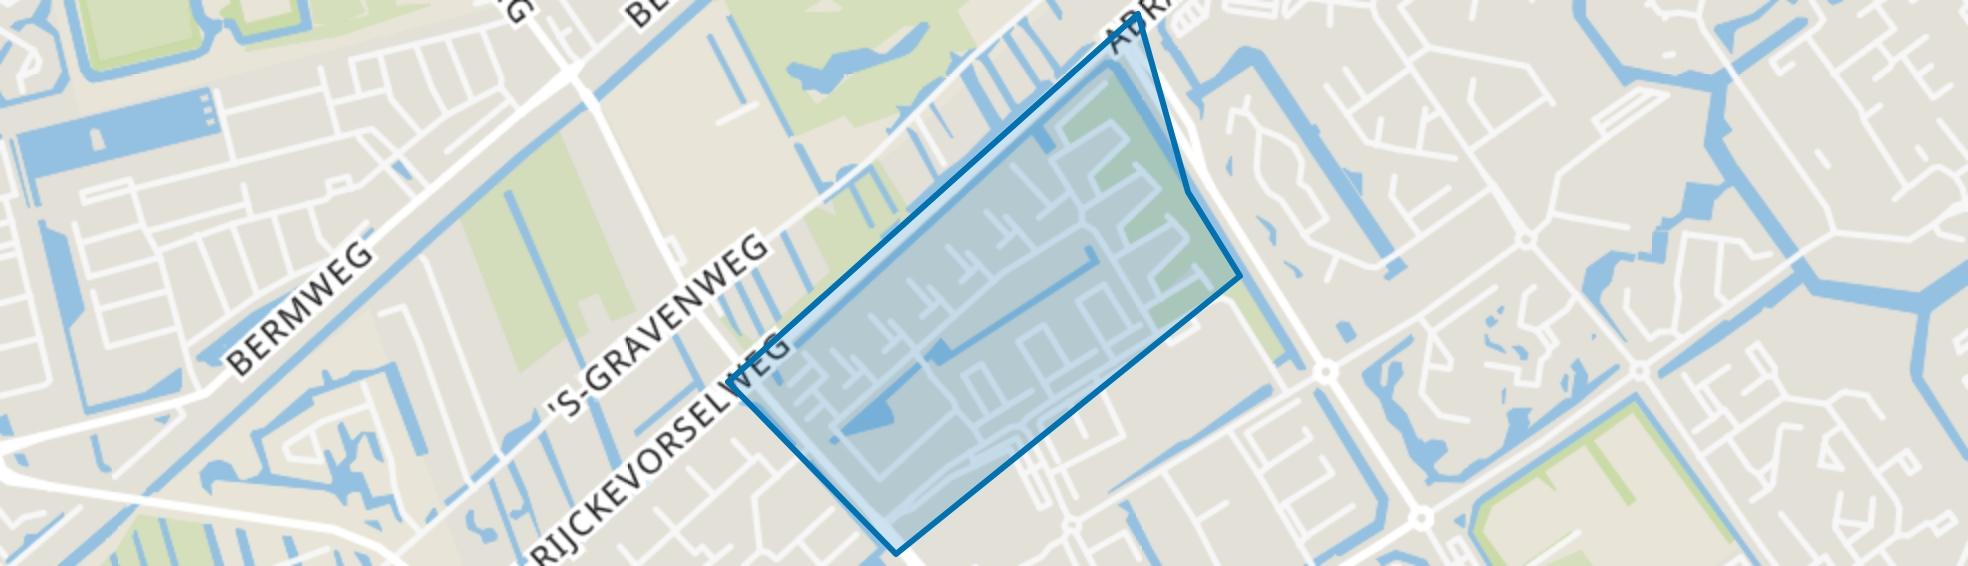 Hovenbuurt, Capelle aan den IJssel map